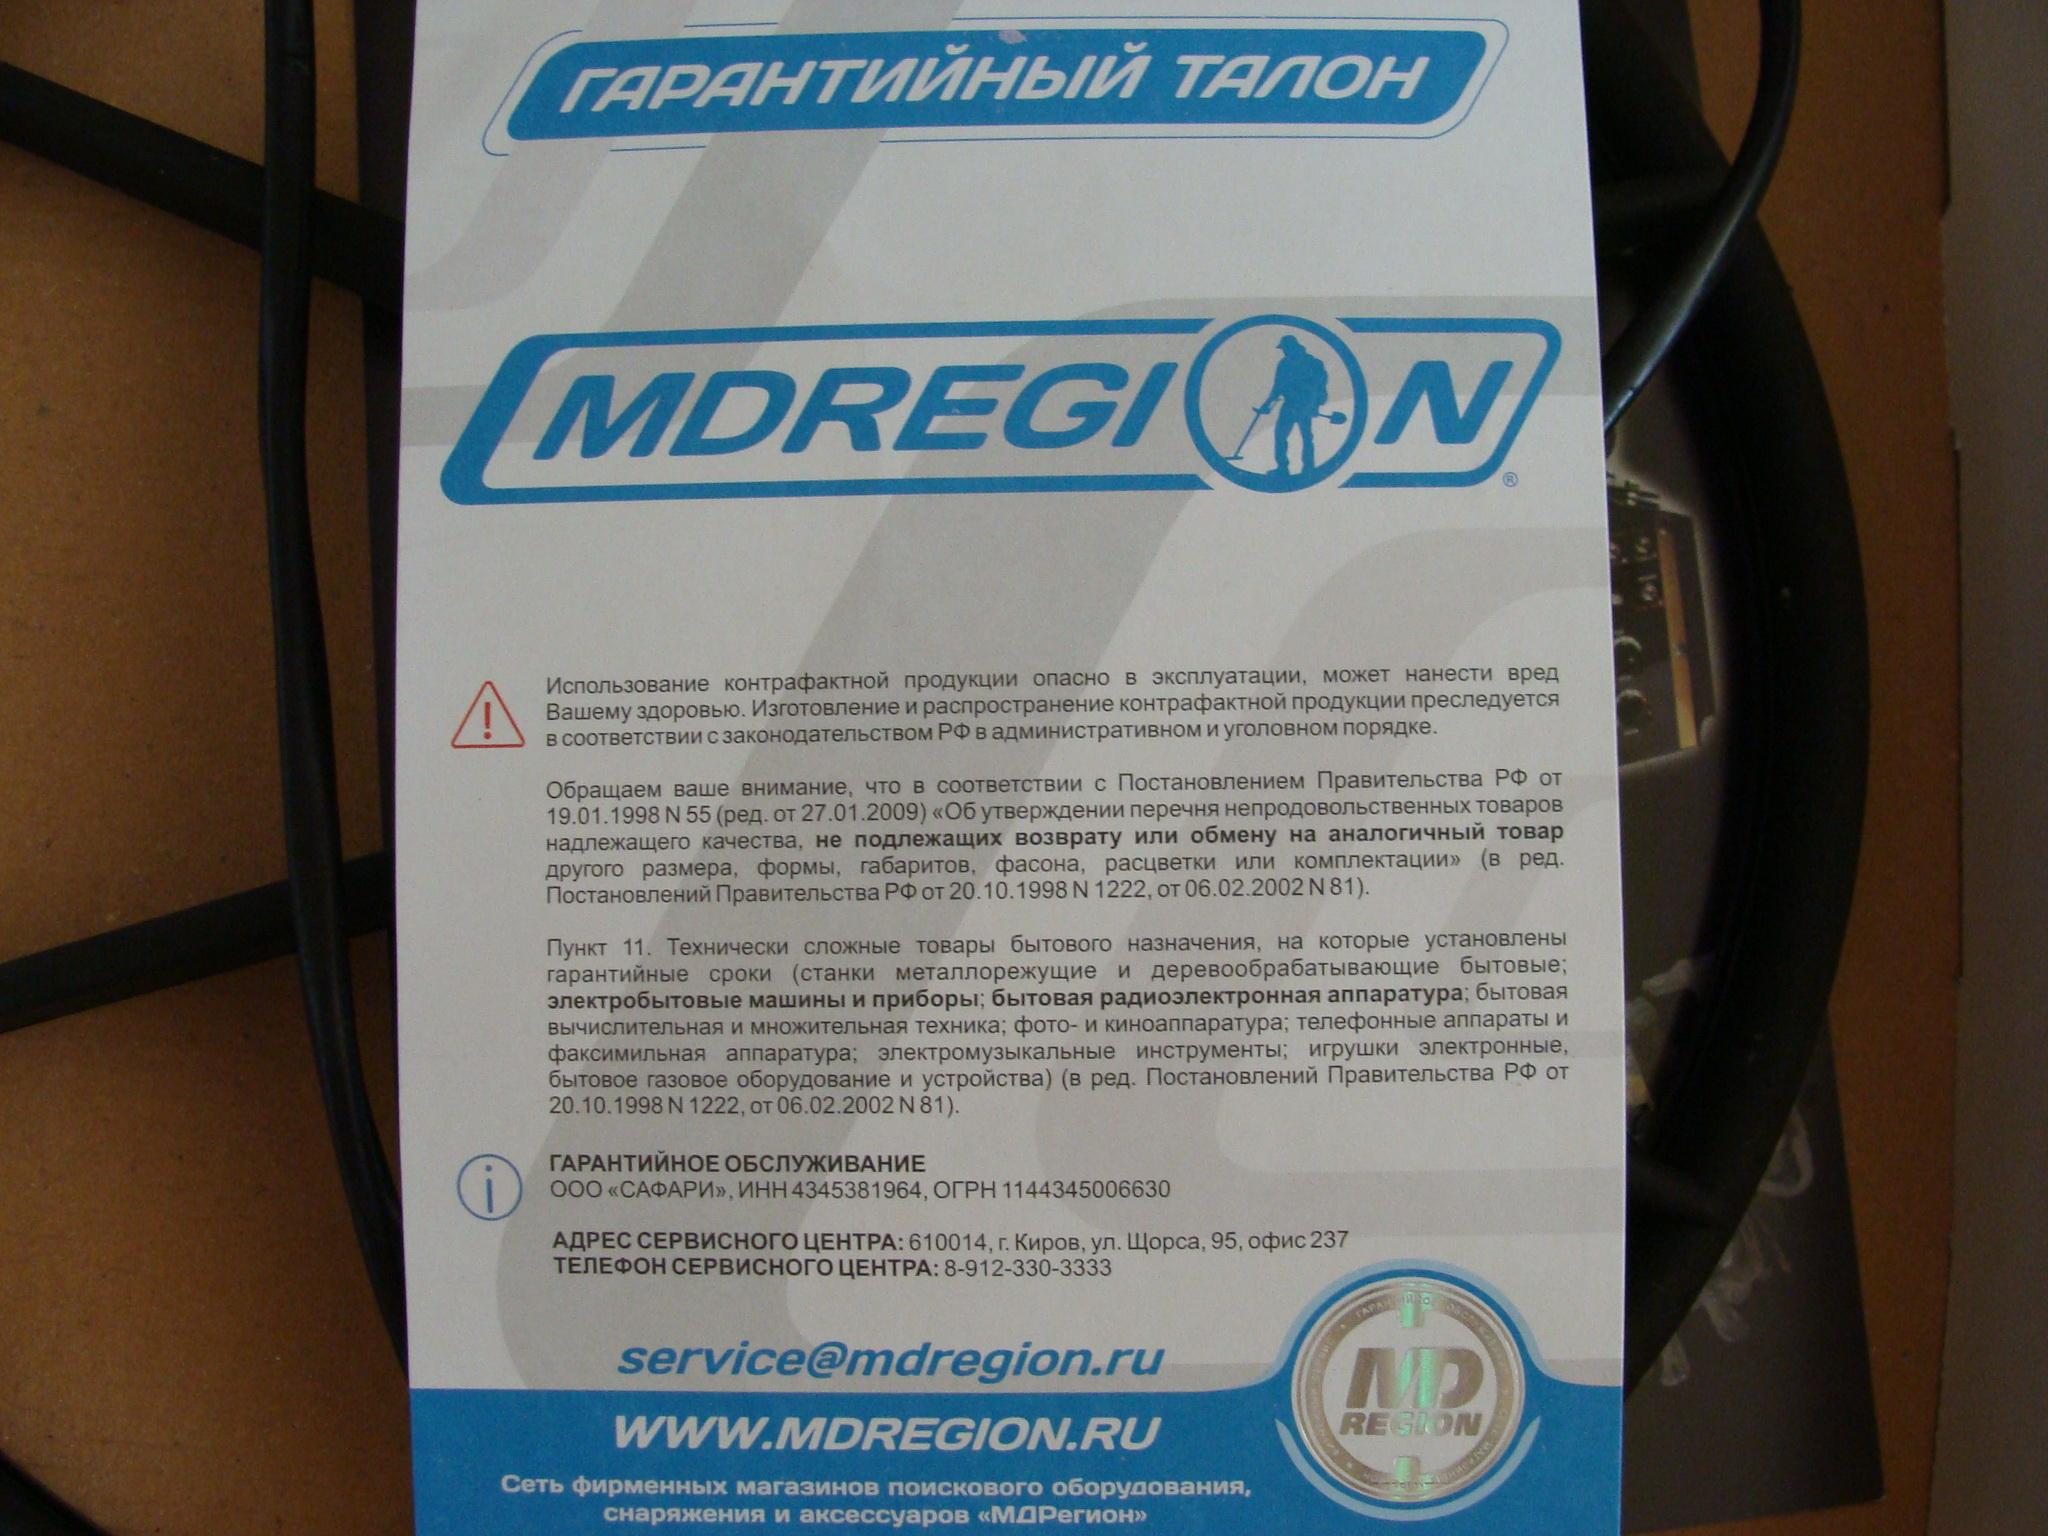 http://images.sevstar.net/images/95401724624386541781.jpg